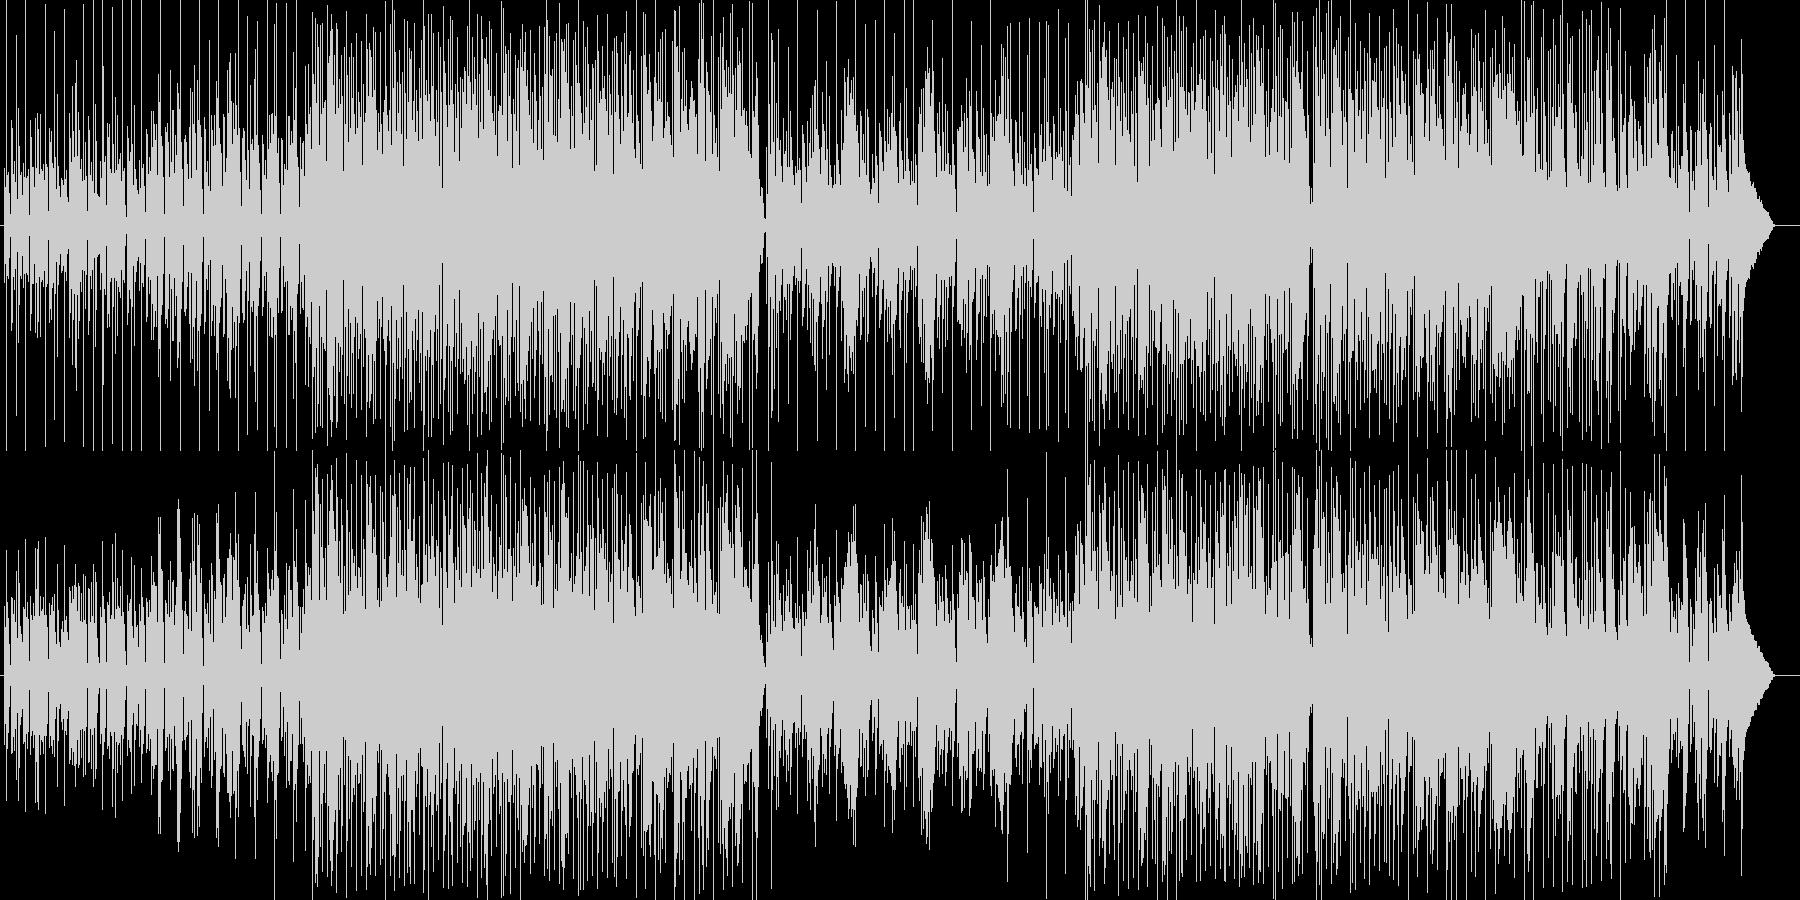 落ち付いたメロディーの安定感あるポップスの未再生の波形